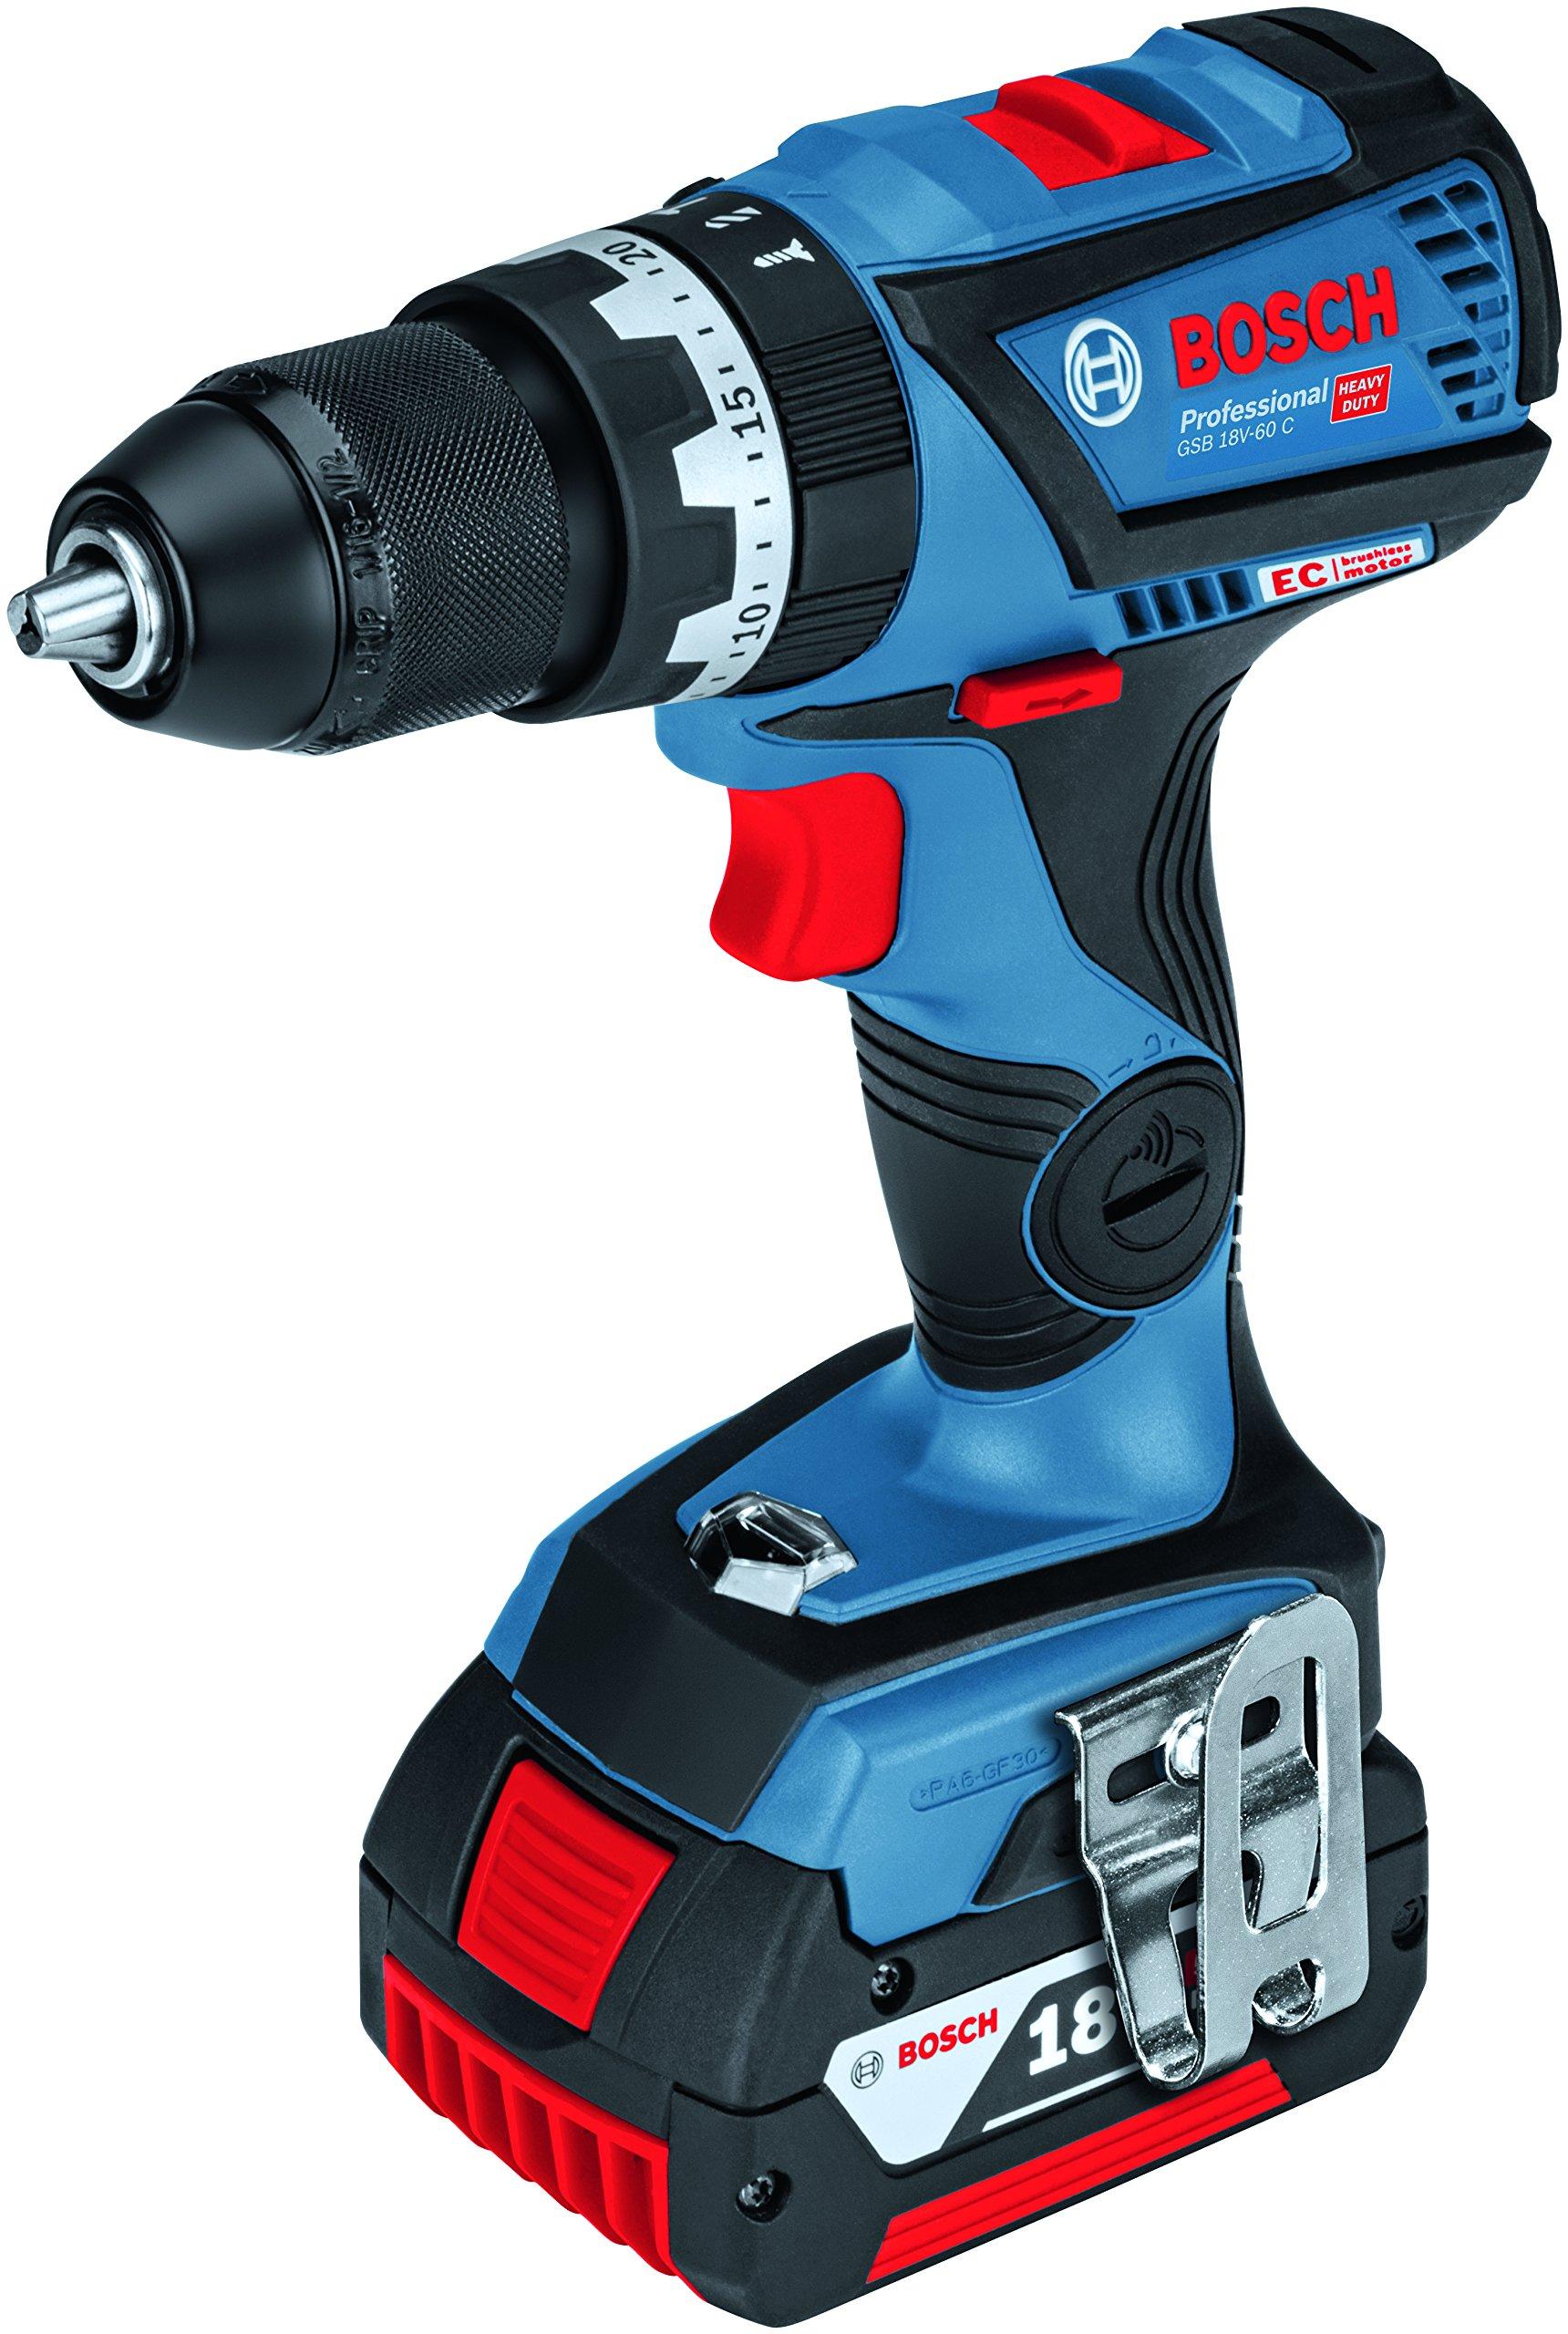 Bosch-Professional-18V-Akku-Schlagbohrschrauber-GSB-18V-60-C-2x-50-Ah-Akku-Schnellladegert-Bluetooth-Modul-L-BOXX-18-Volt-Max-Drehmoment-max-Bohrfutter-13-mm-max-Schrauben–10-mm